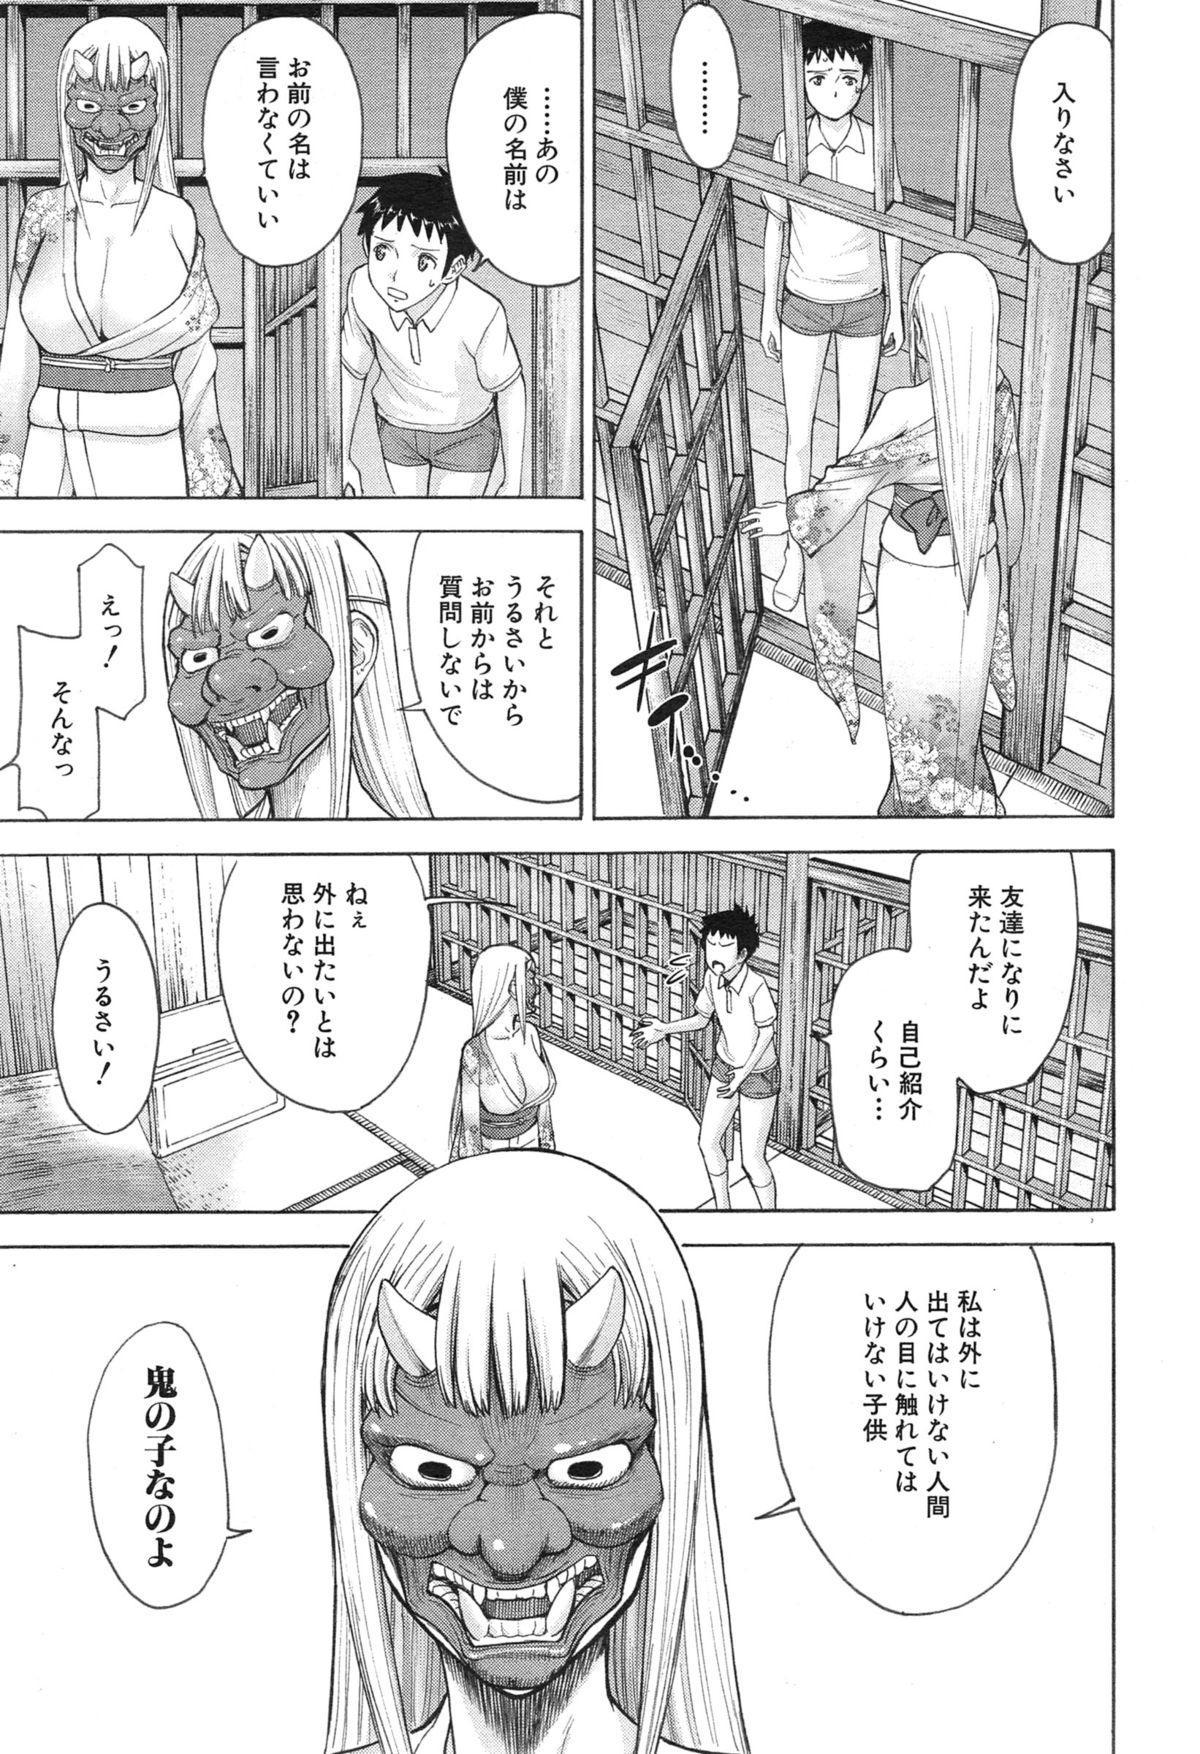 Zashikihime no Omocha Ch. 1-2 40